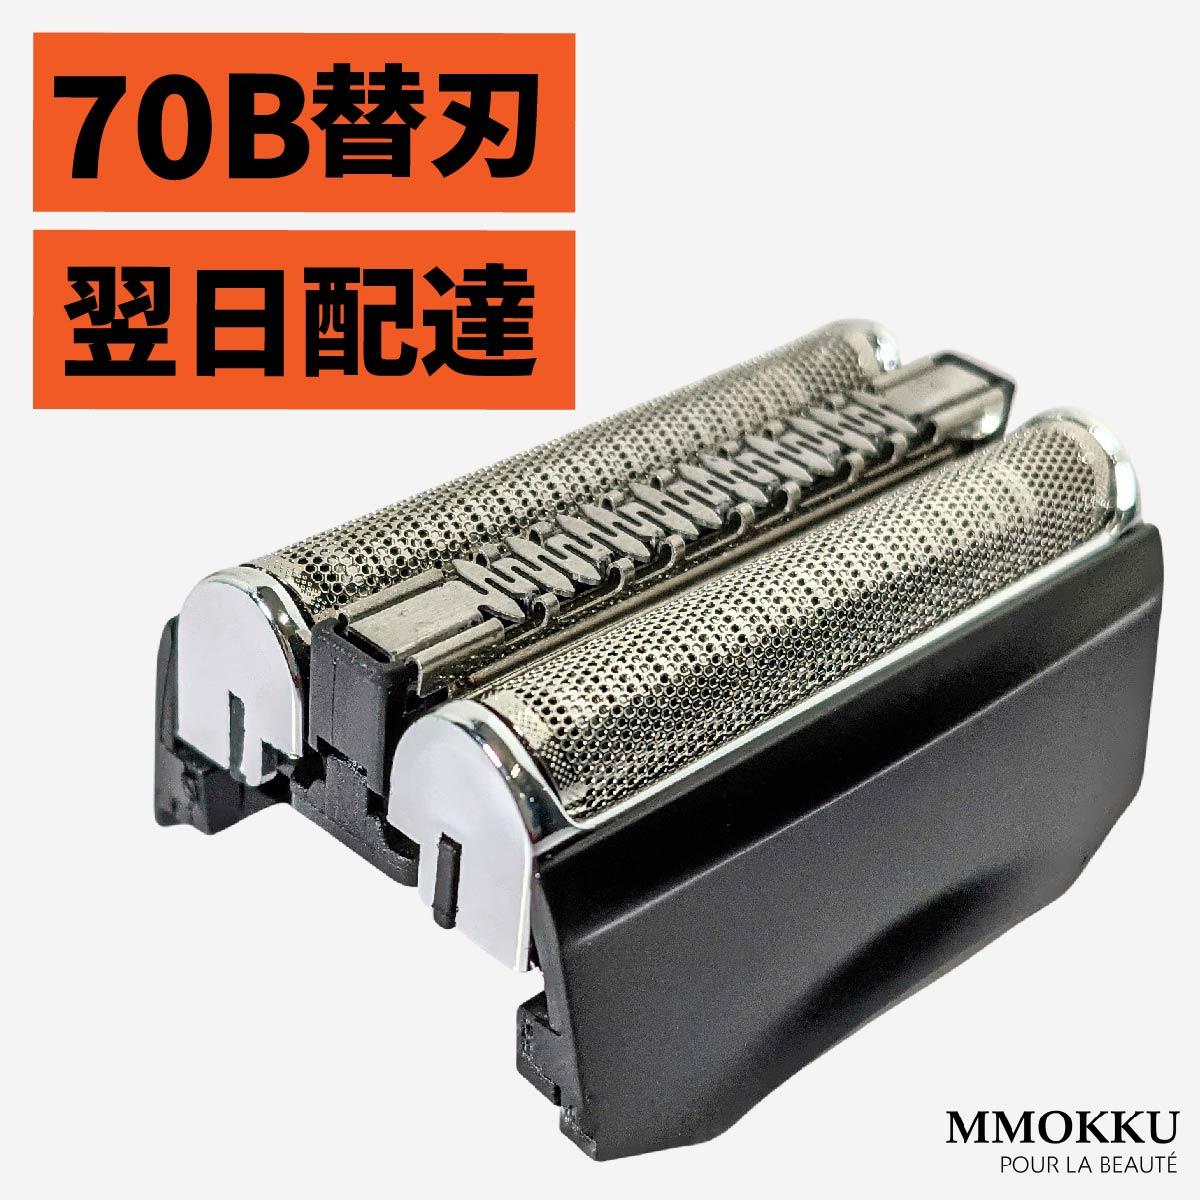 BRAUNの替刃を安価で提供させていただきます ブラウン 替刃 シリーズ7 当店は最高な サービスを提供します 使い勝手の良い 70B F 互換品 一体型カセット 内刃 網刃 C70B 送料無料